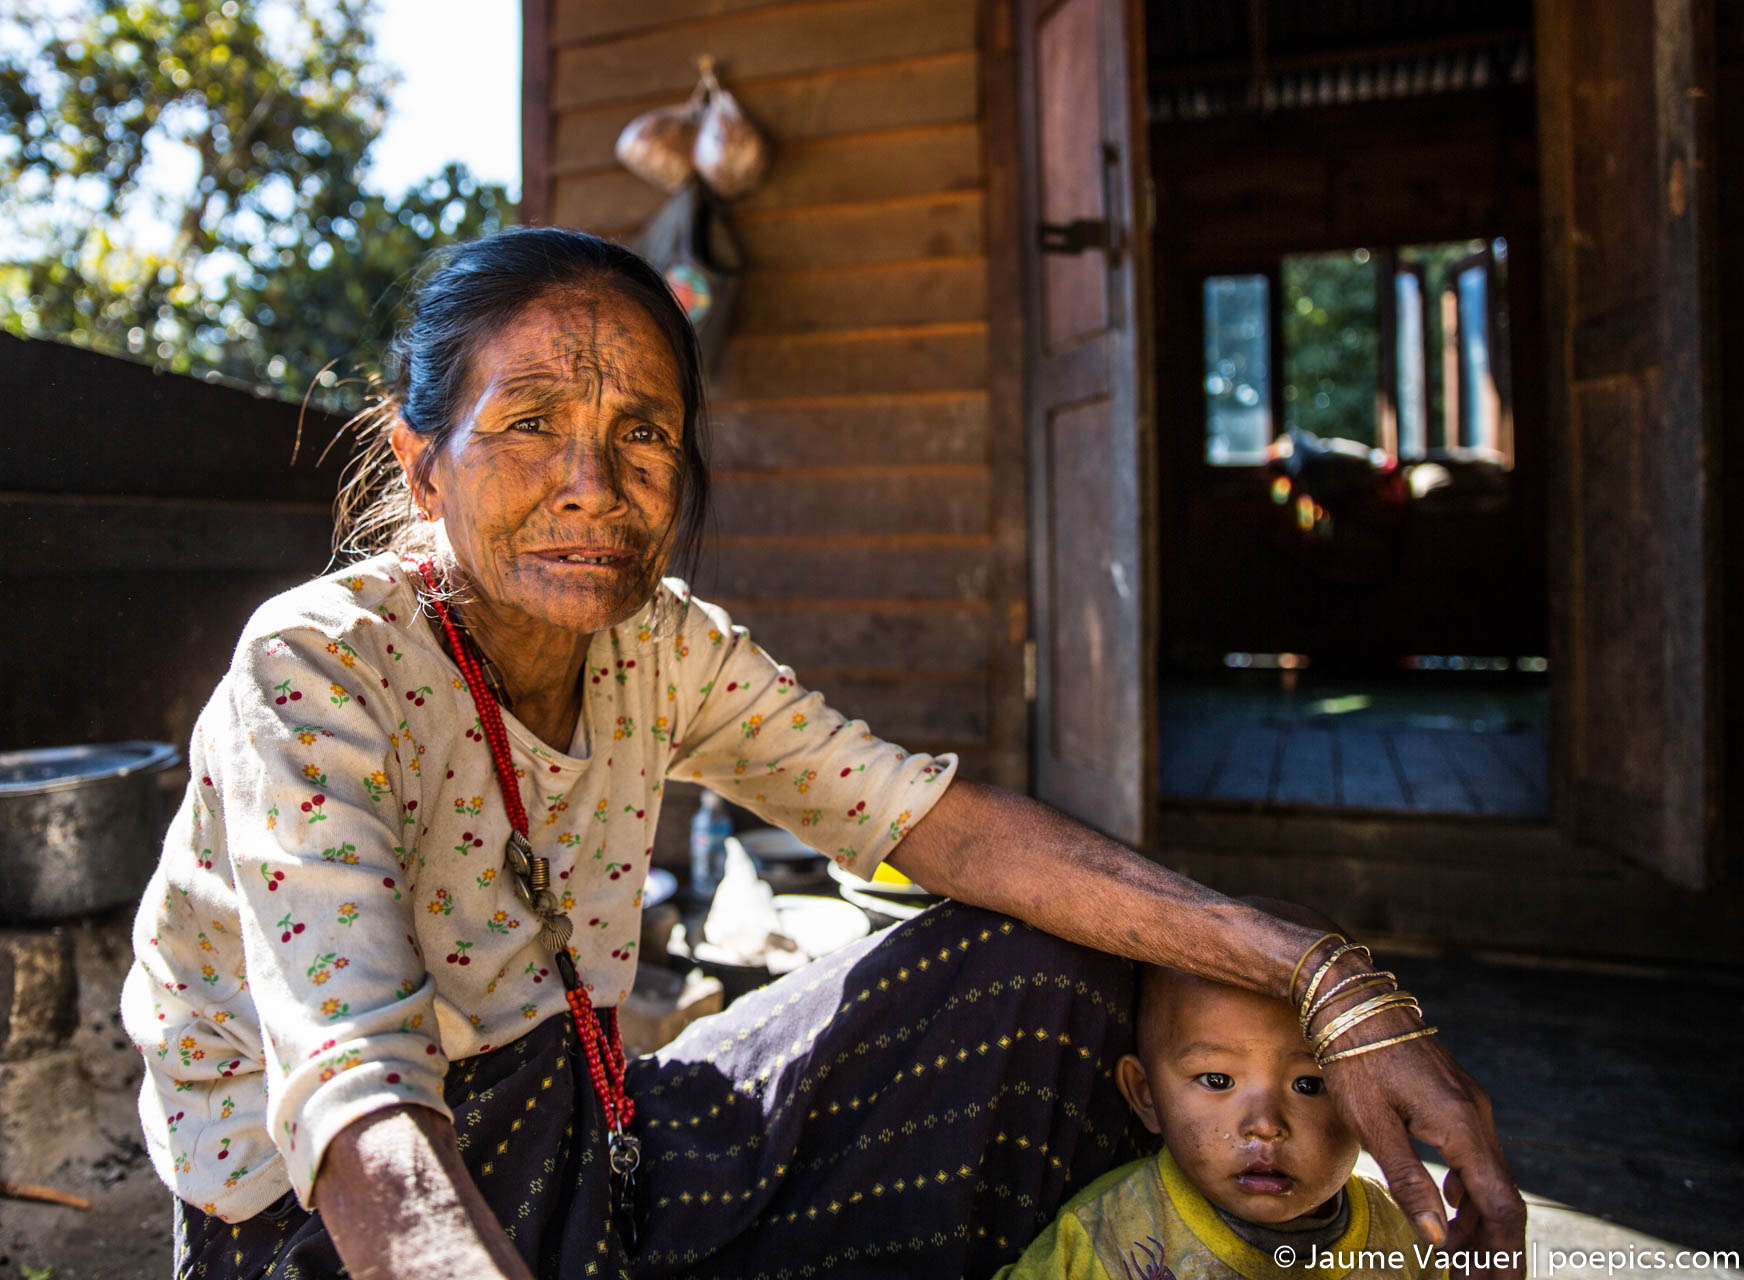 Chin tattooed woman, Myanmar (Burma)